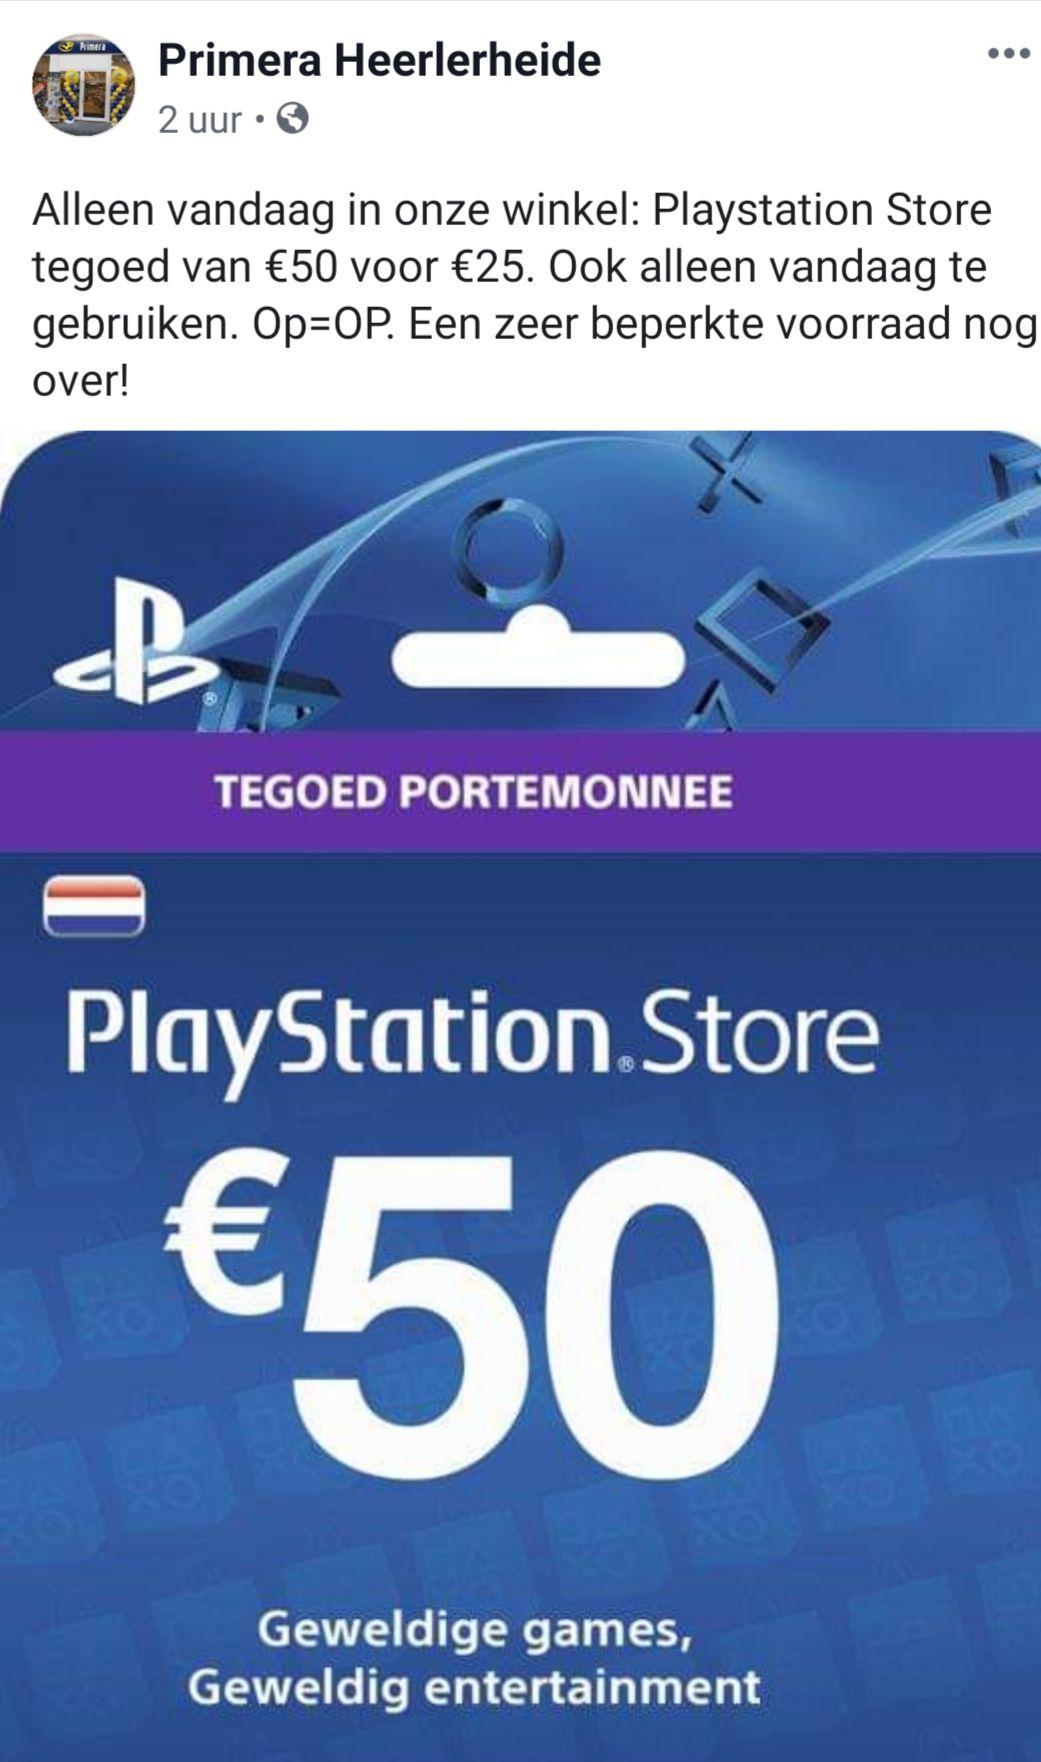 Playstation store tegoed 50 euro voor 25 euro. Primera Heerlen